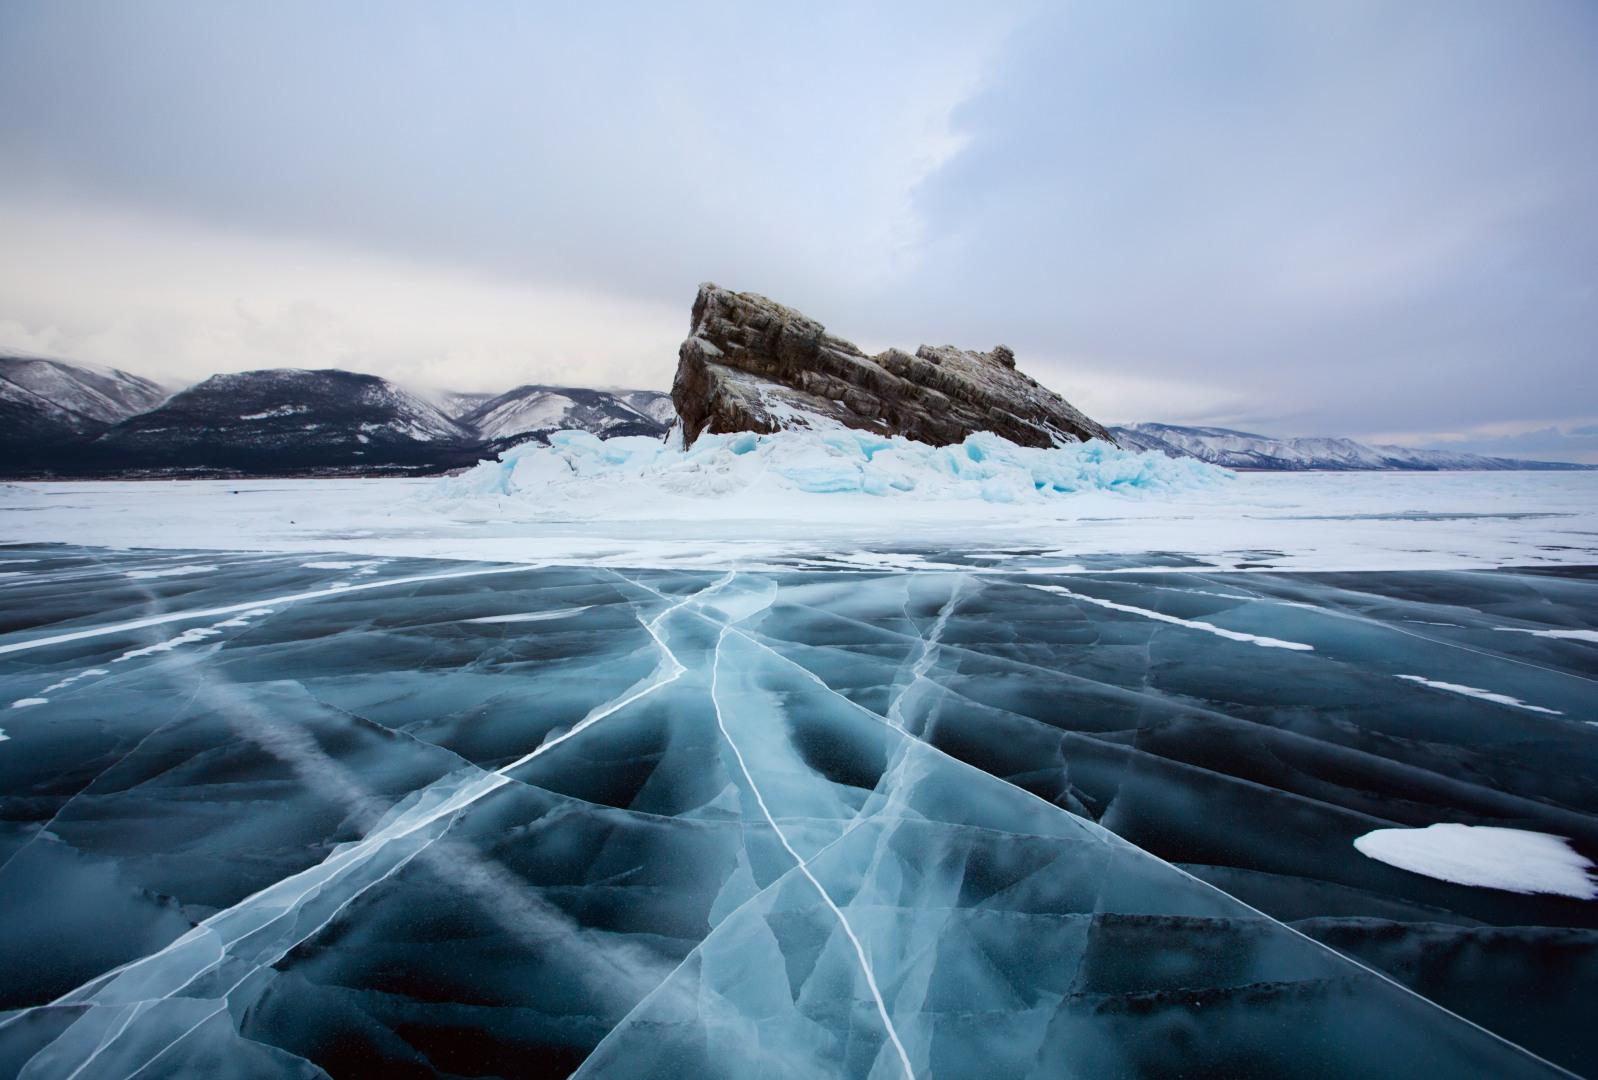 целует щечки фото озера байкал зимой описание белых, серых